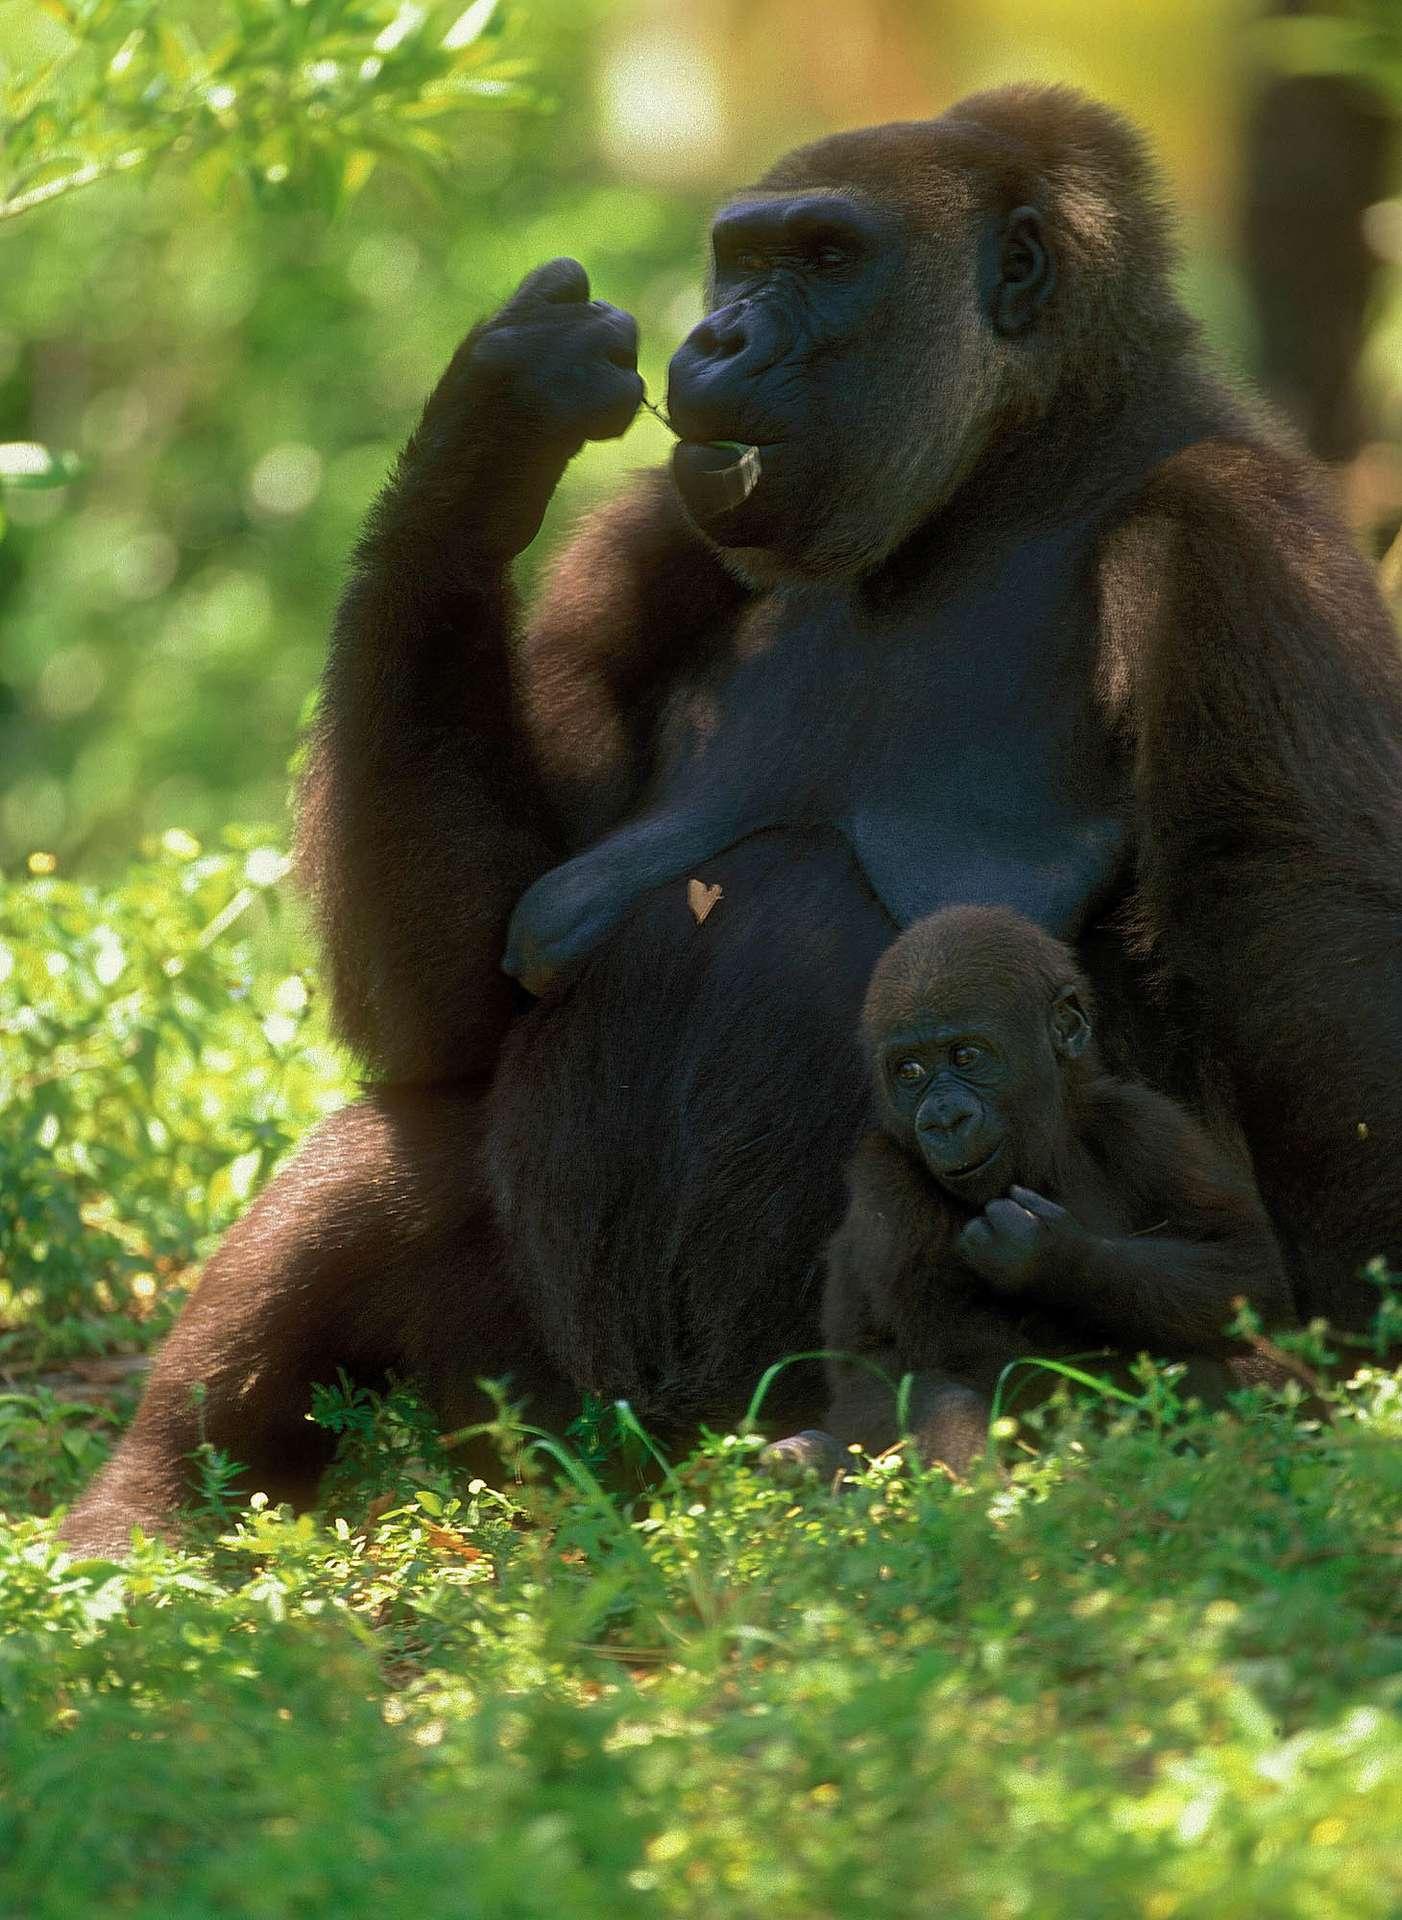 L'Ouganda et deux de ses voisins, le Rwanda et la République démocratique du Congo (RDC), sont les seuls pays où vivent aujourd'hui ces gorilles de montagne. © Ferenc Cegledi